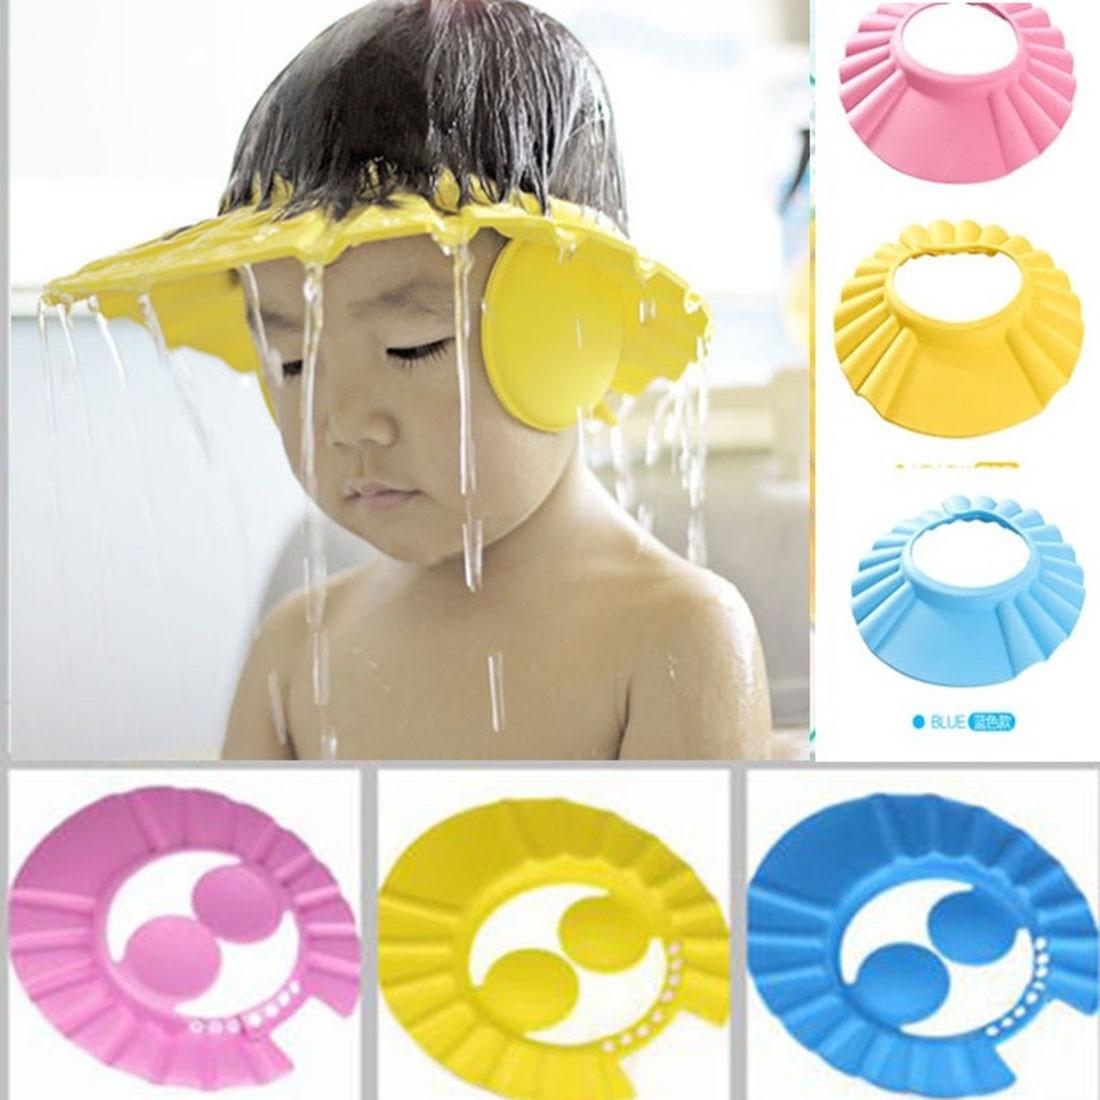 Moda Niños Shampoo, Bañera, Gorra Wash Protector Del Pelo Del Sombrero de Viser